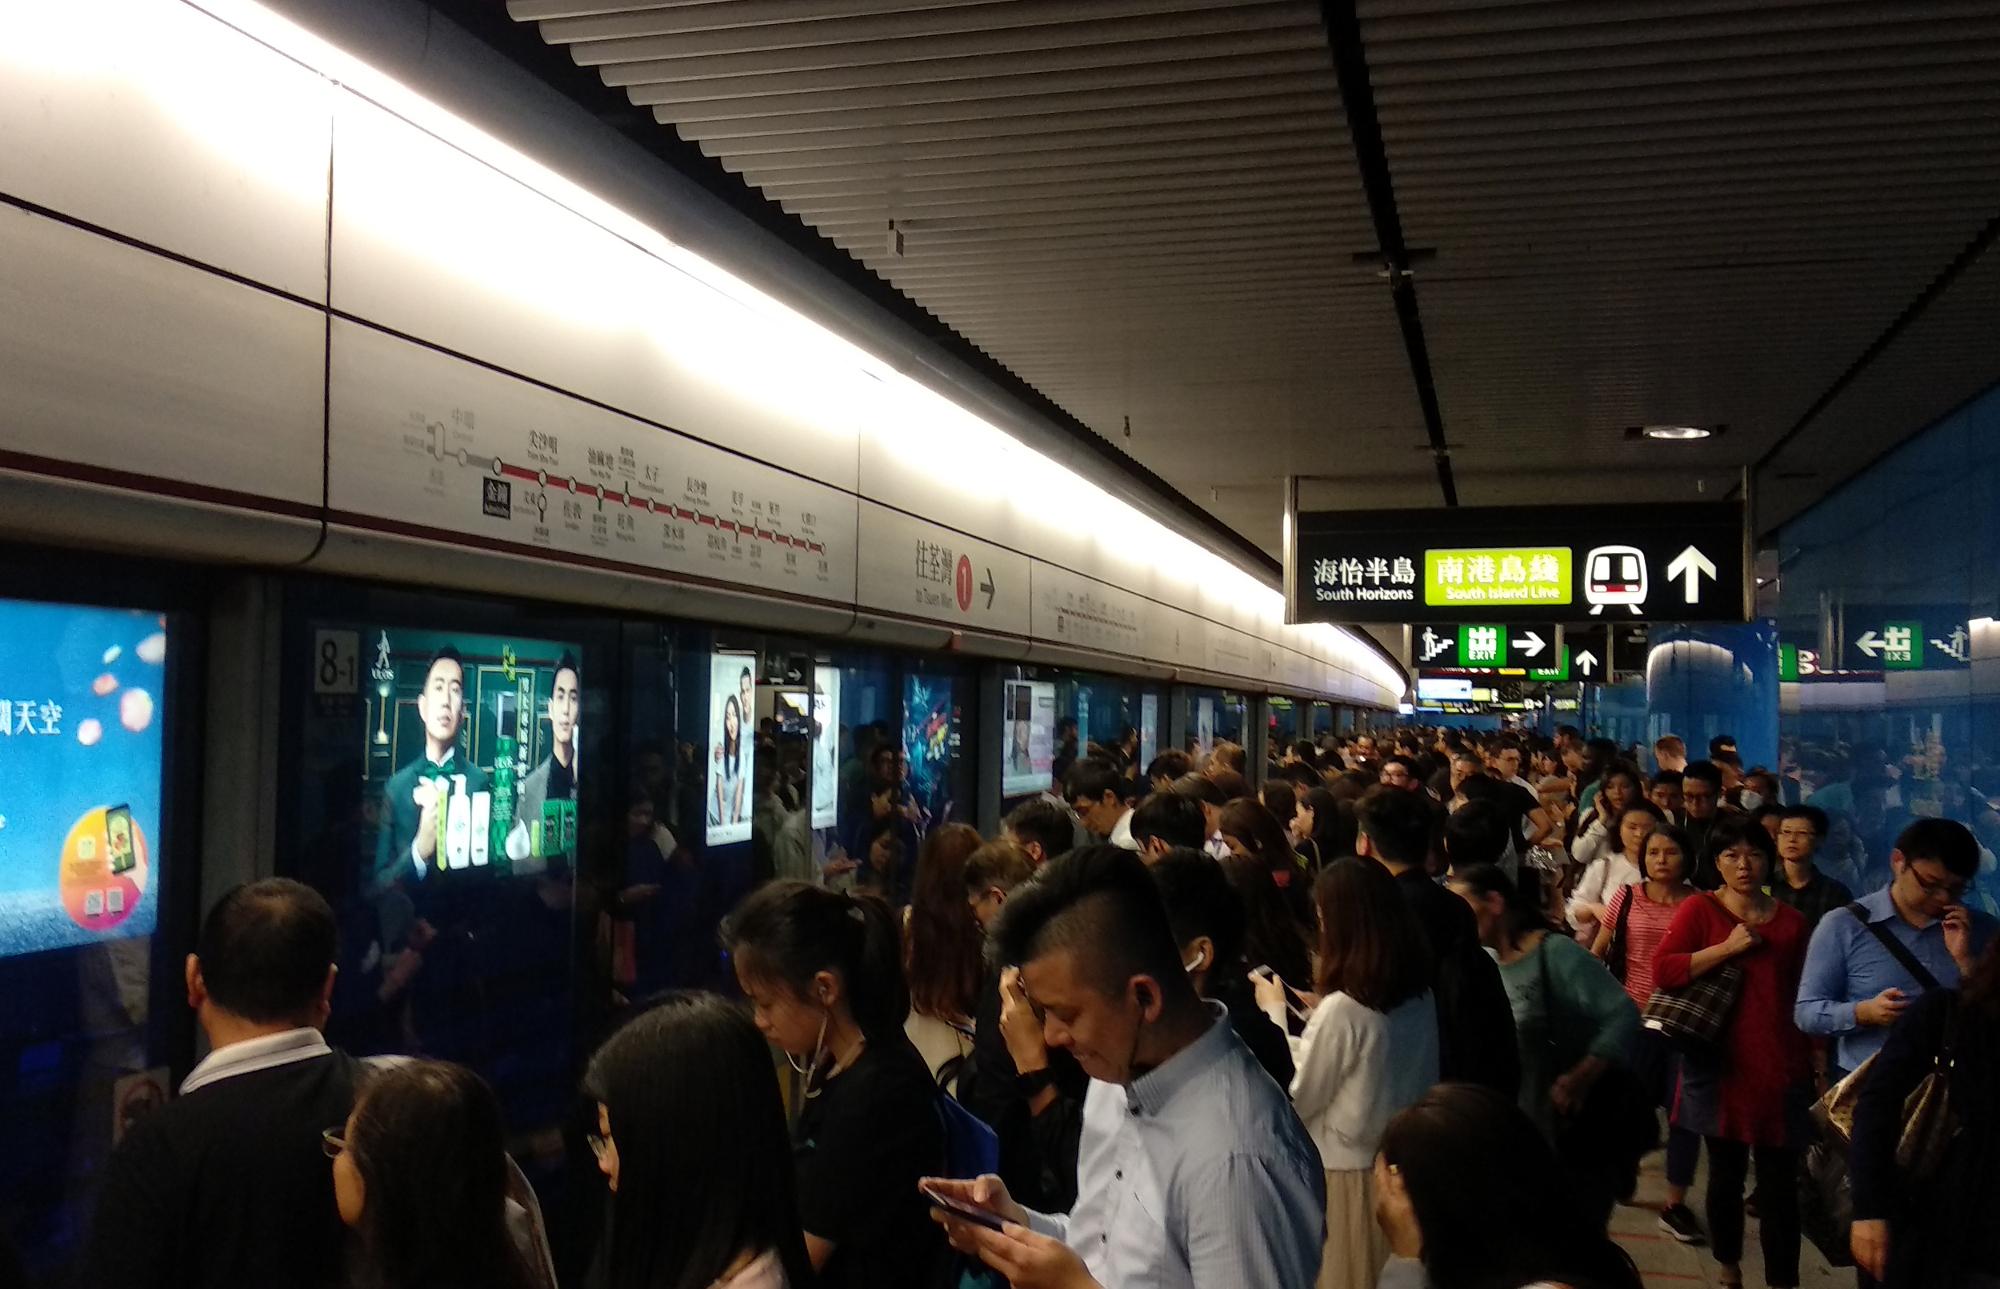 Inside Sai Ying Pun Station